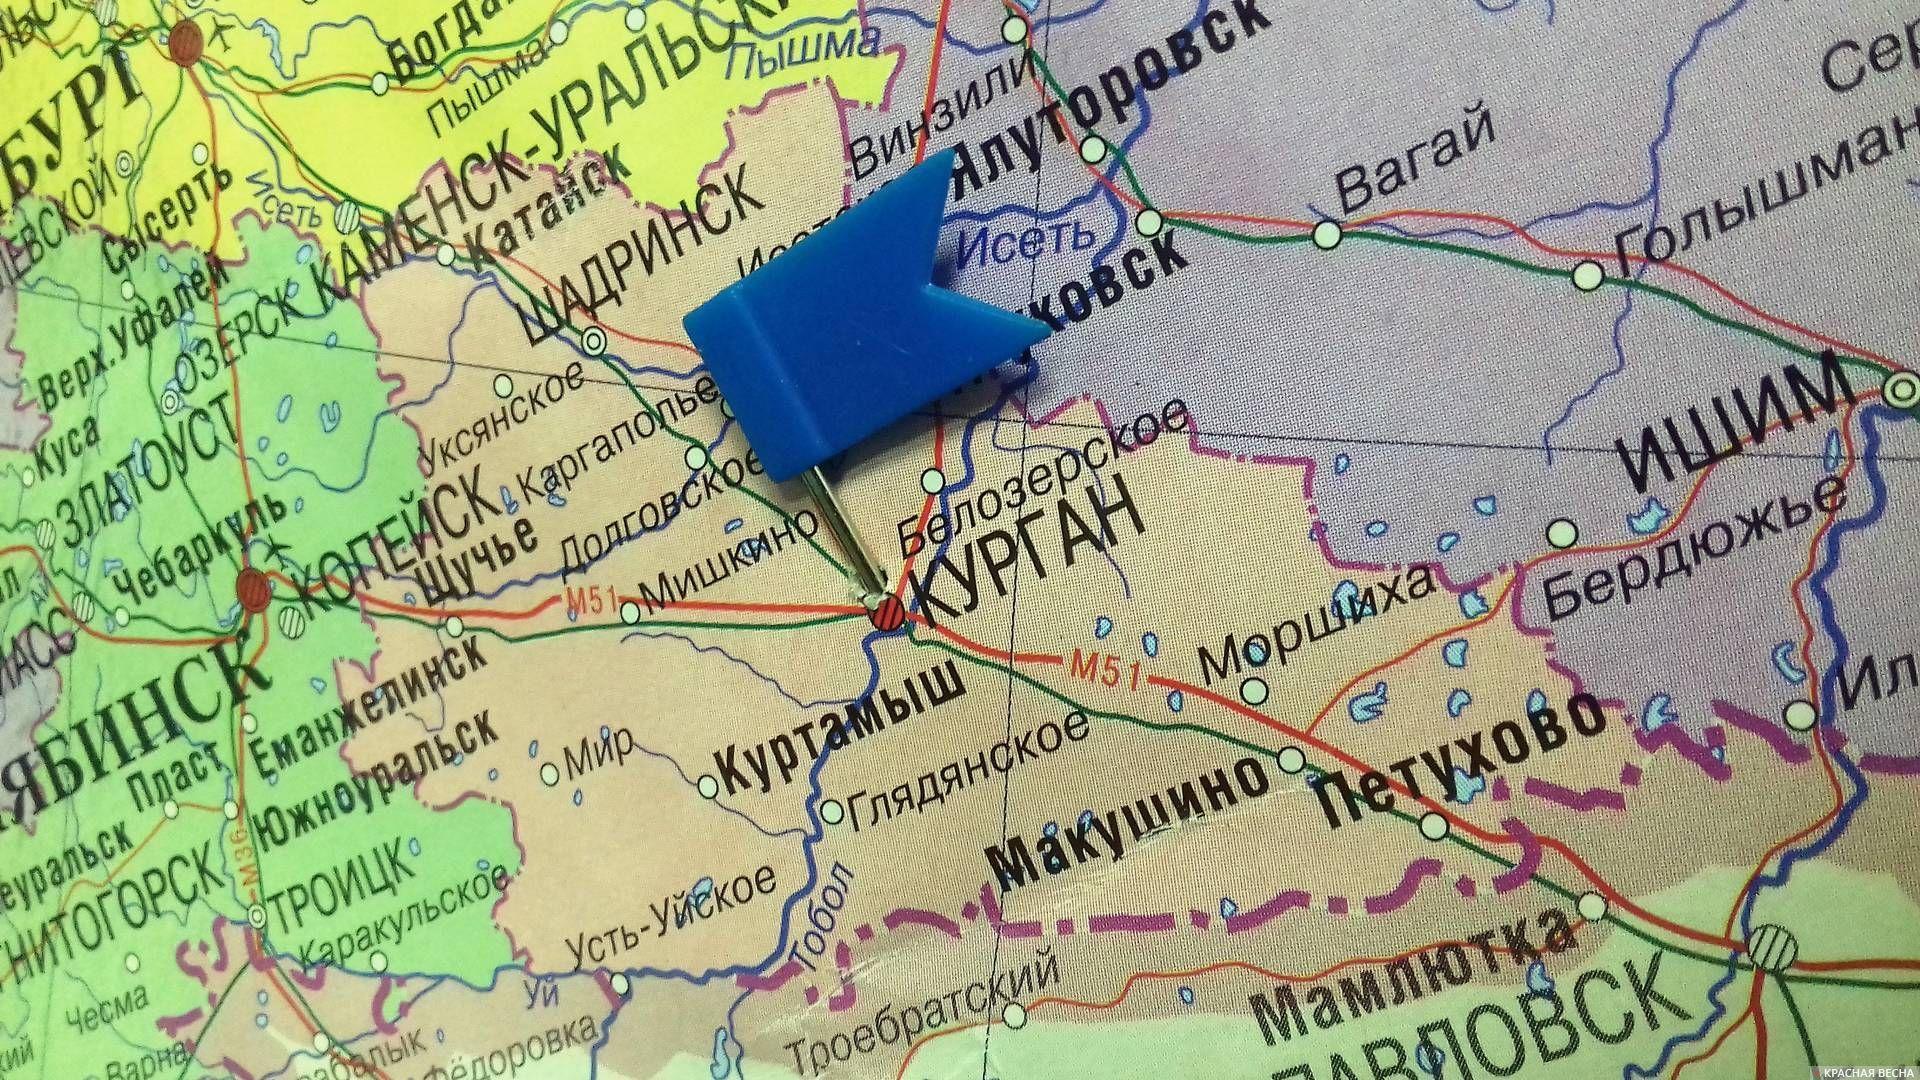 Курганская область на карте